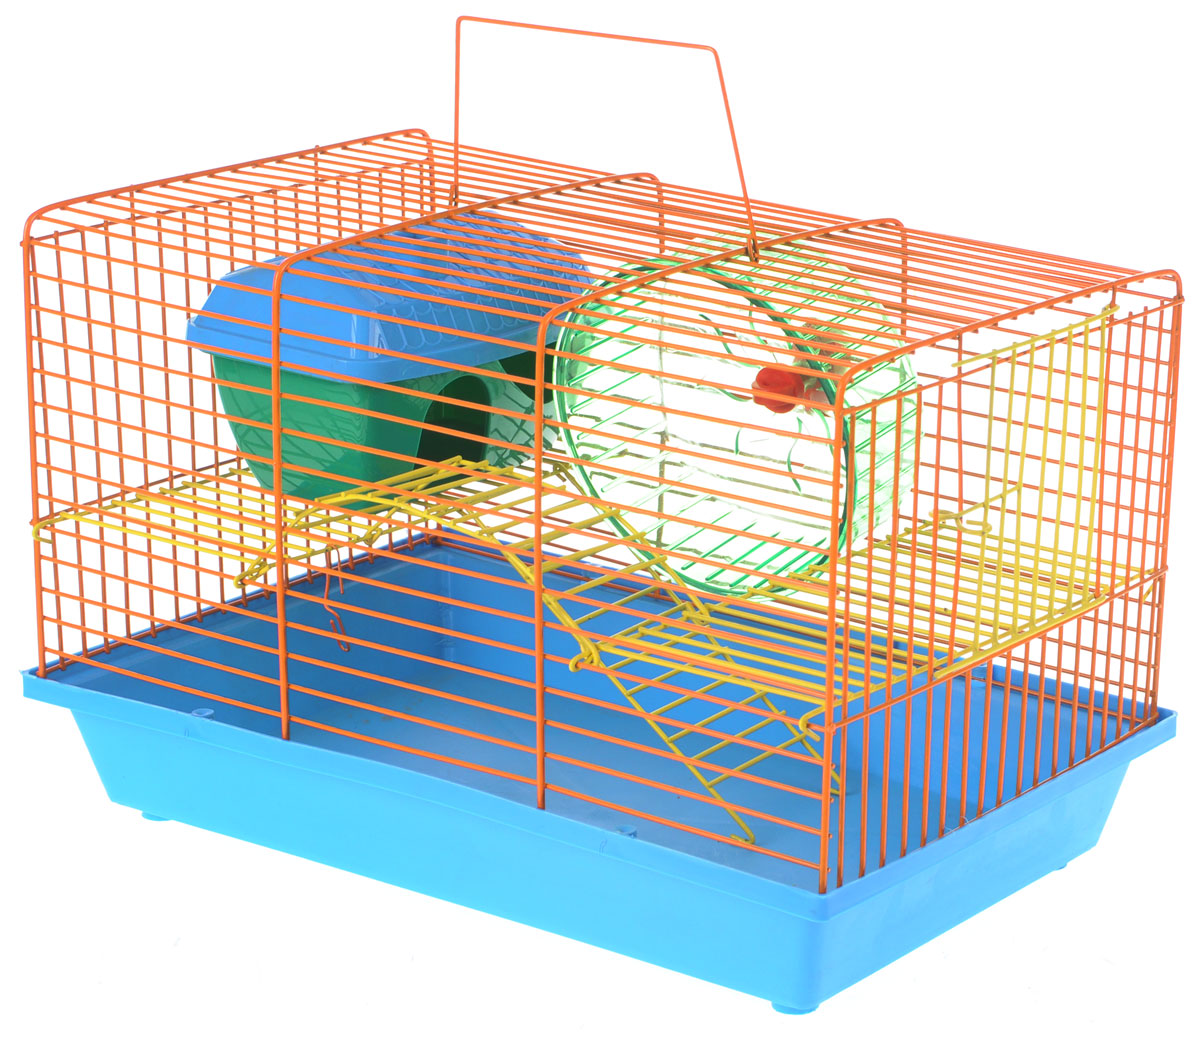 Клетка для грызунов Зоомарк  Венеция , 2-этажная, цвет: голубой поддон, оранжевая решетка, 36 х 23 х 24 см - Клетки, вольеры, будки